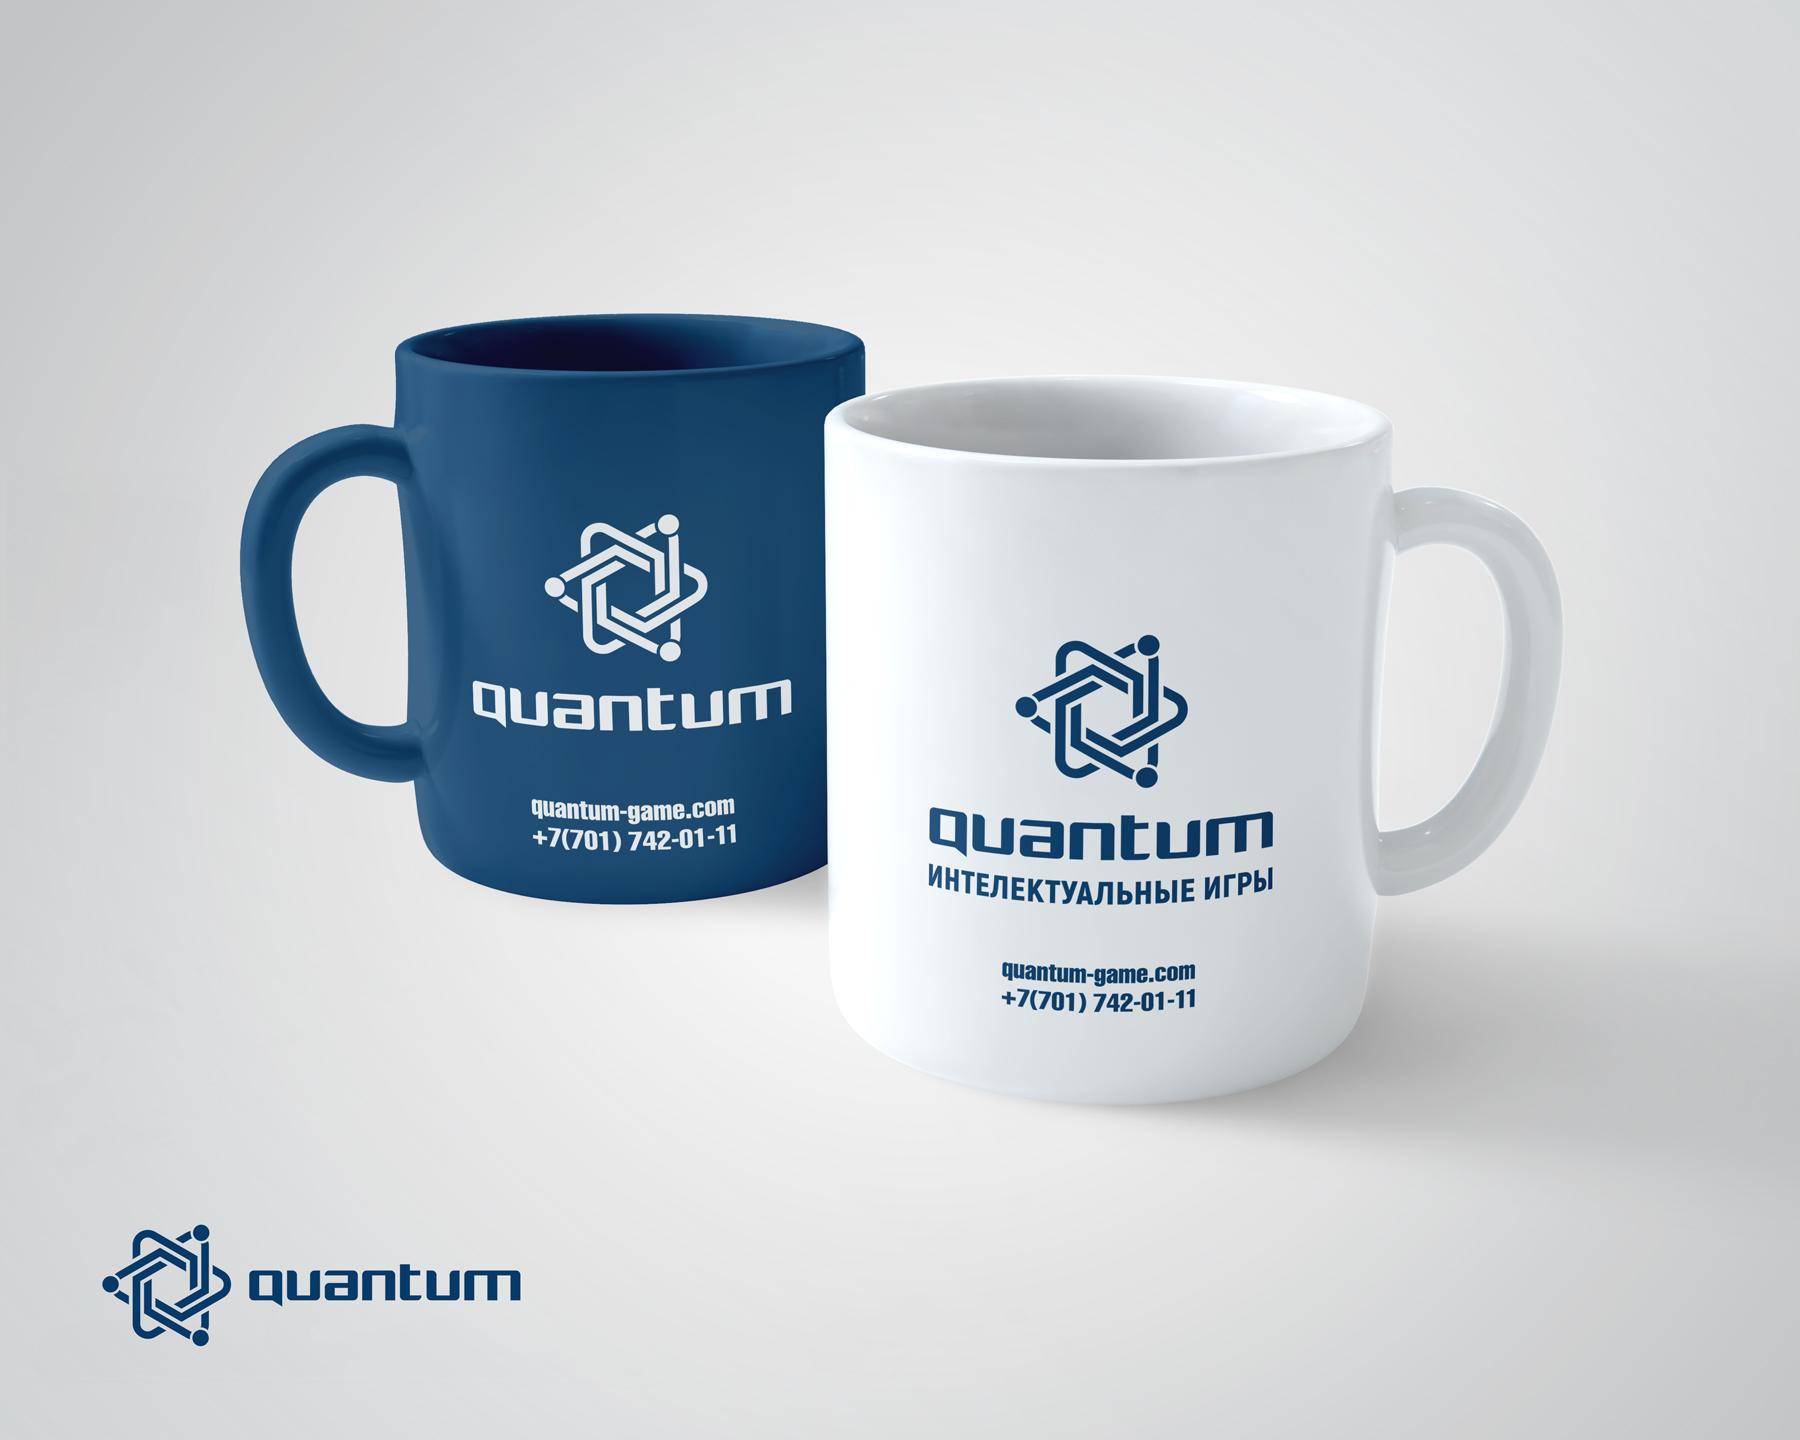 Редизайн логотипа бренда интеллектуальной игры фото f_4945bc650b956f0f.jpg